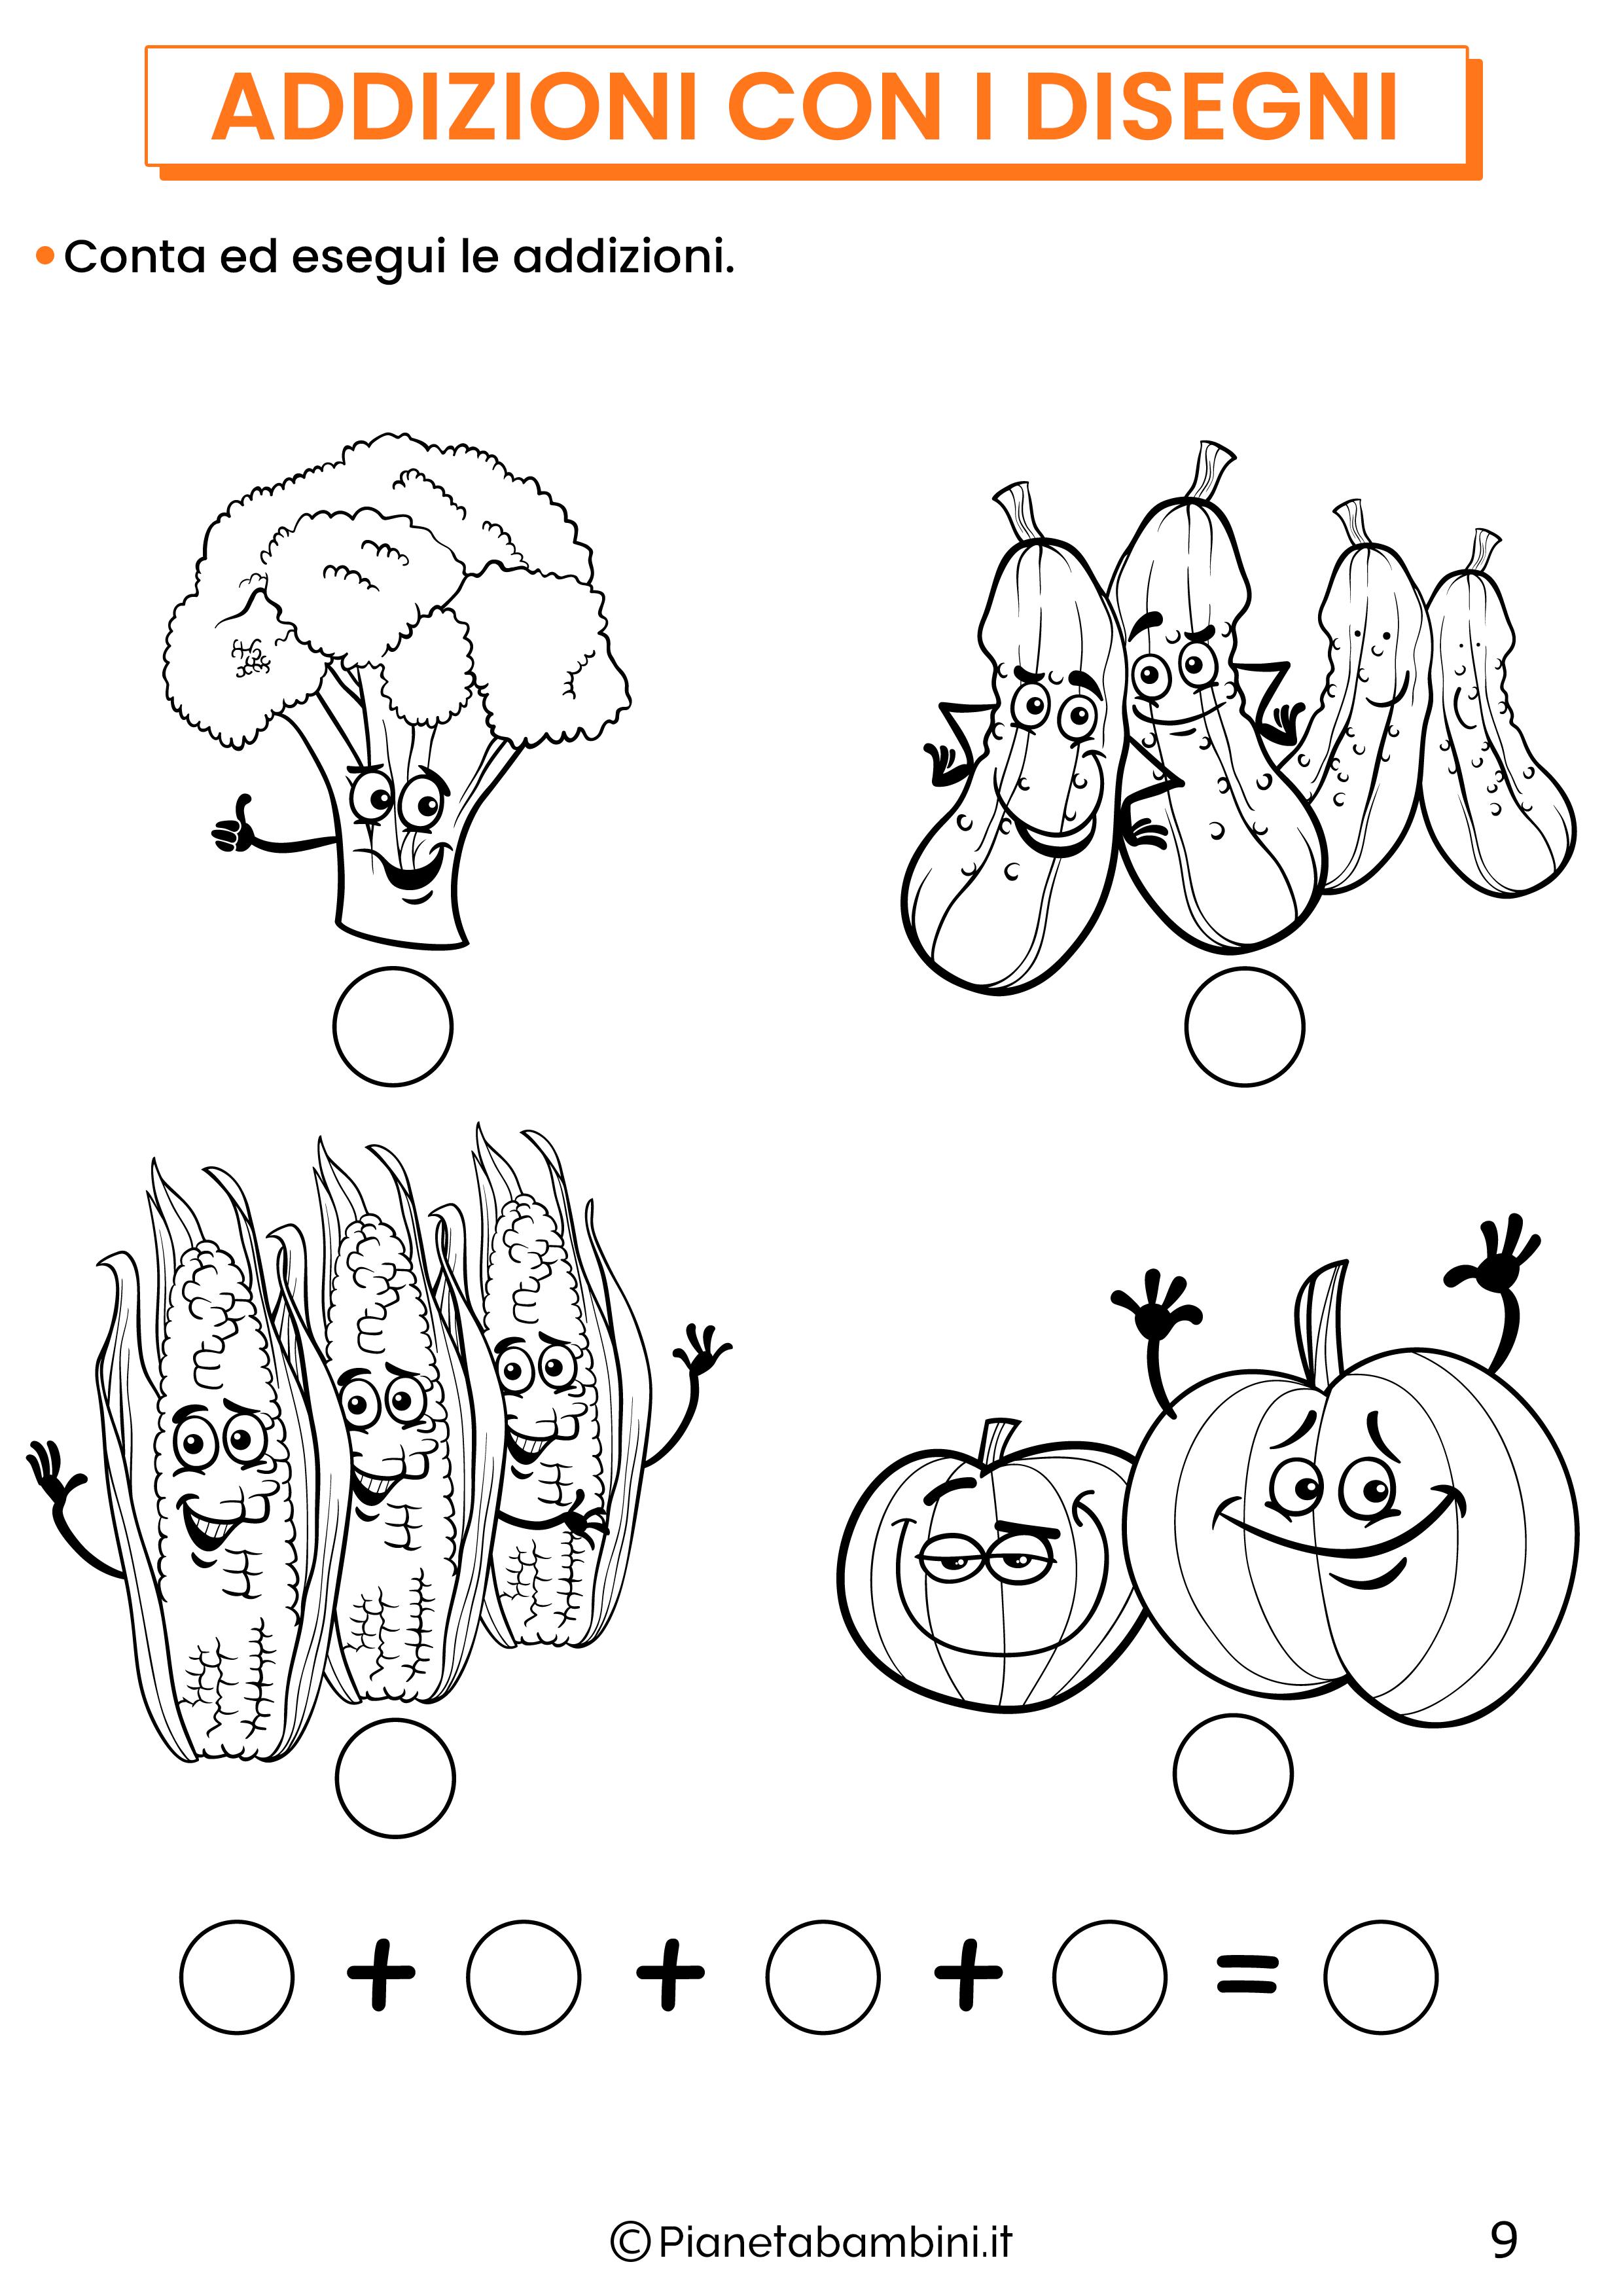 Addizioni con disegni per la classe prima pagina 9